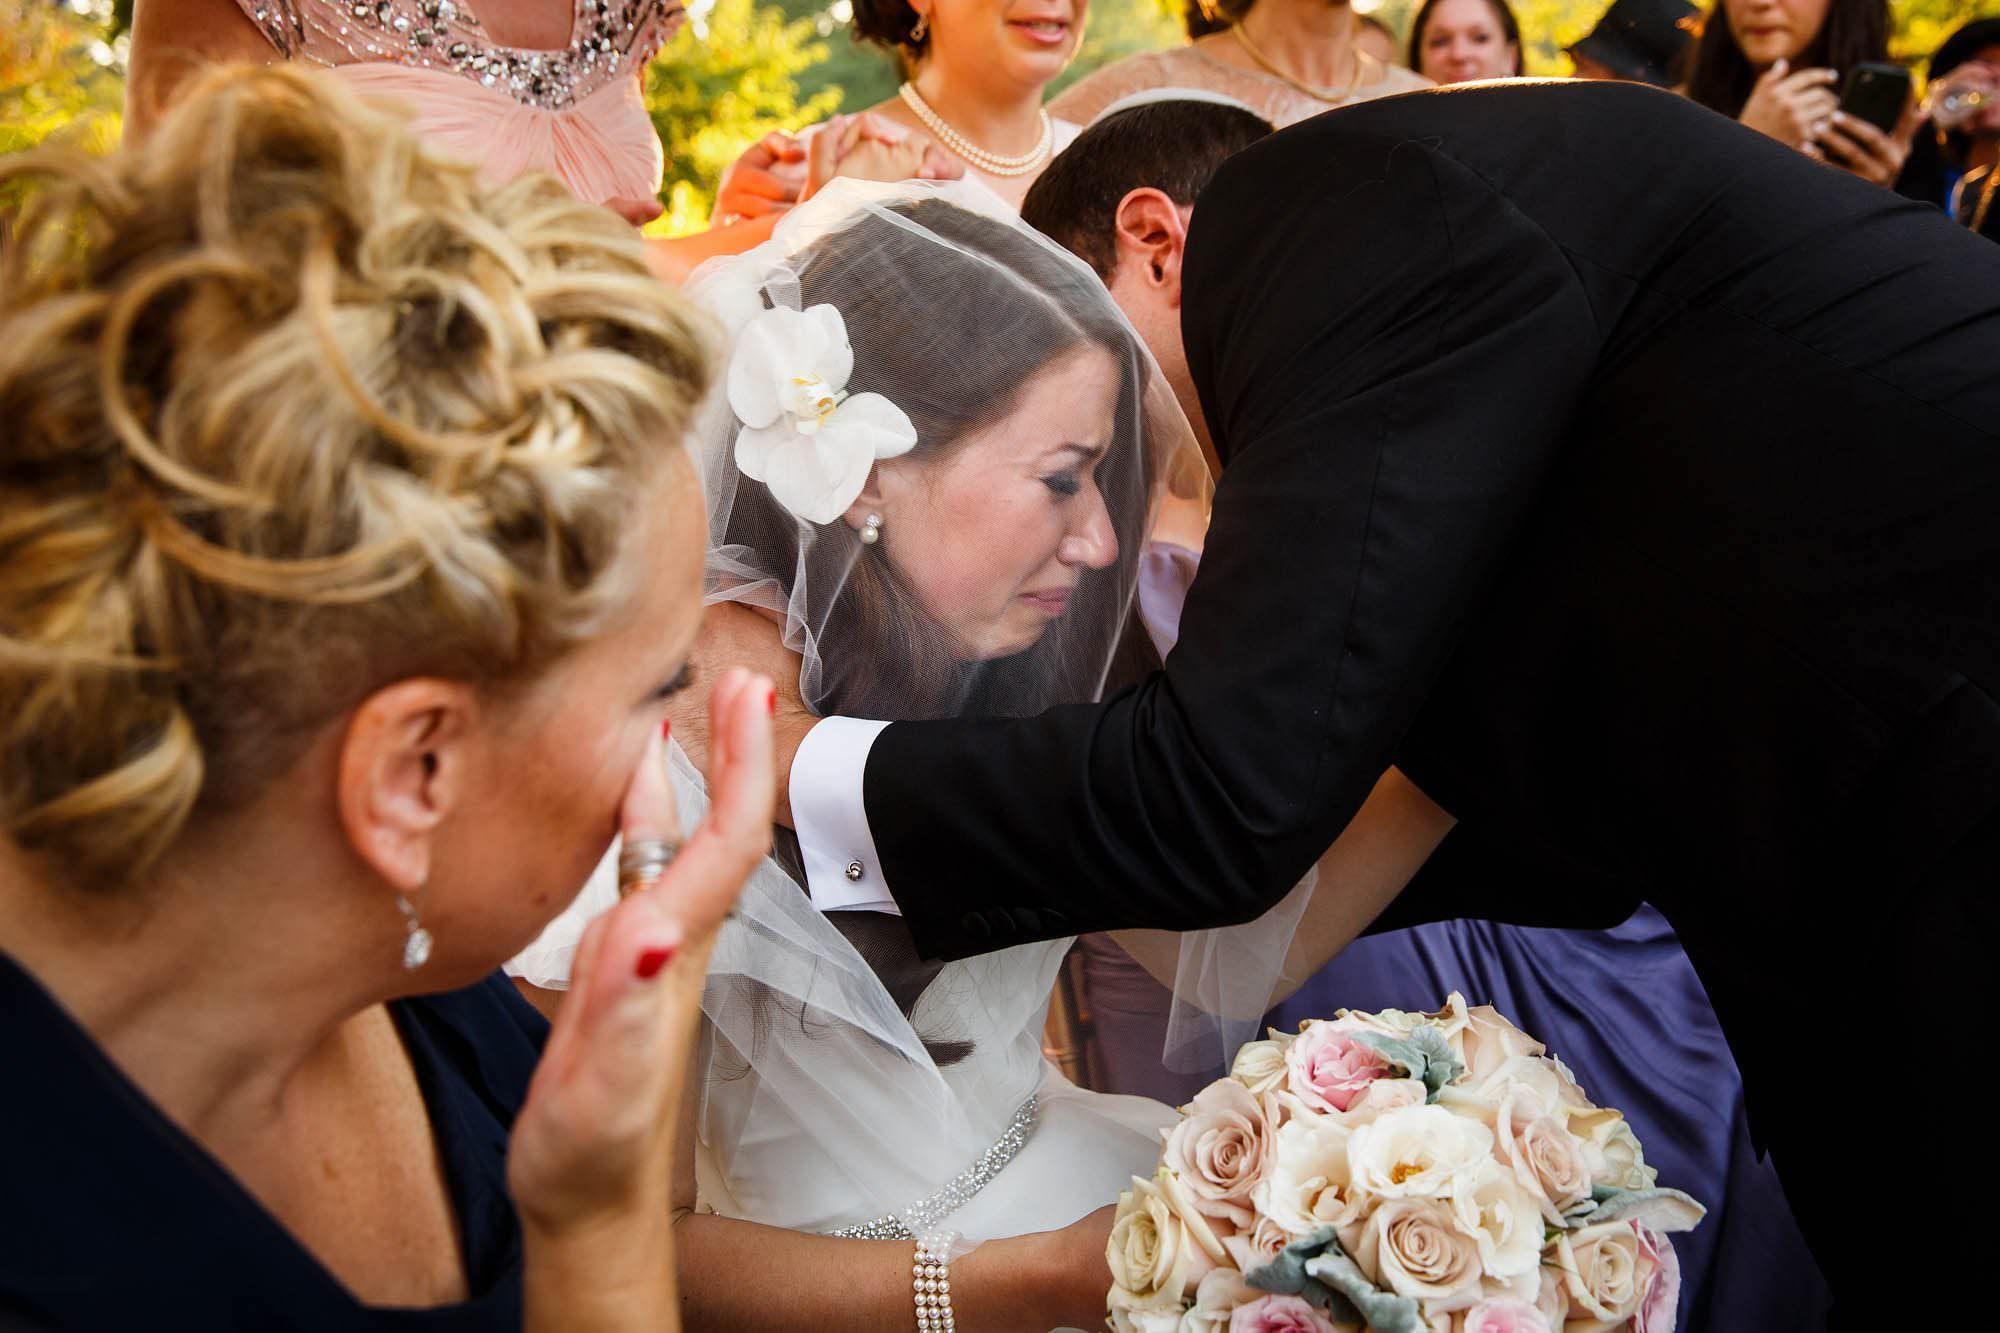 009-botanical-gardens-cleveland-wedding-photographer-genevieve-nisly-photography